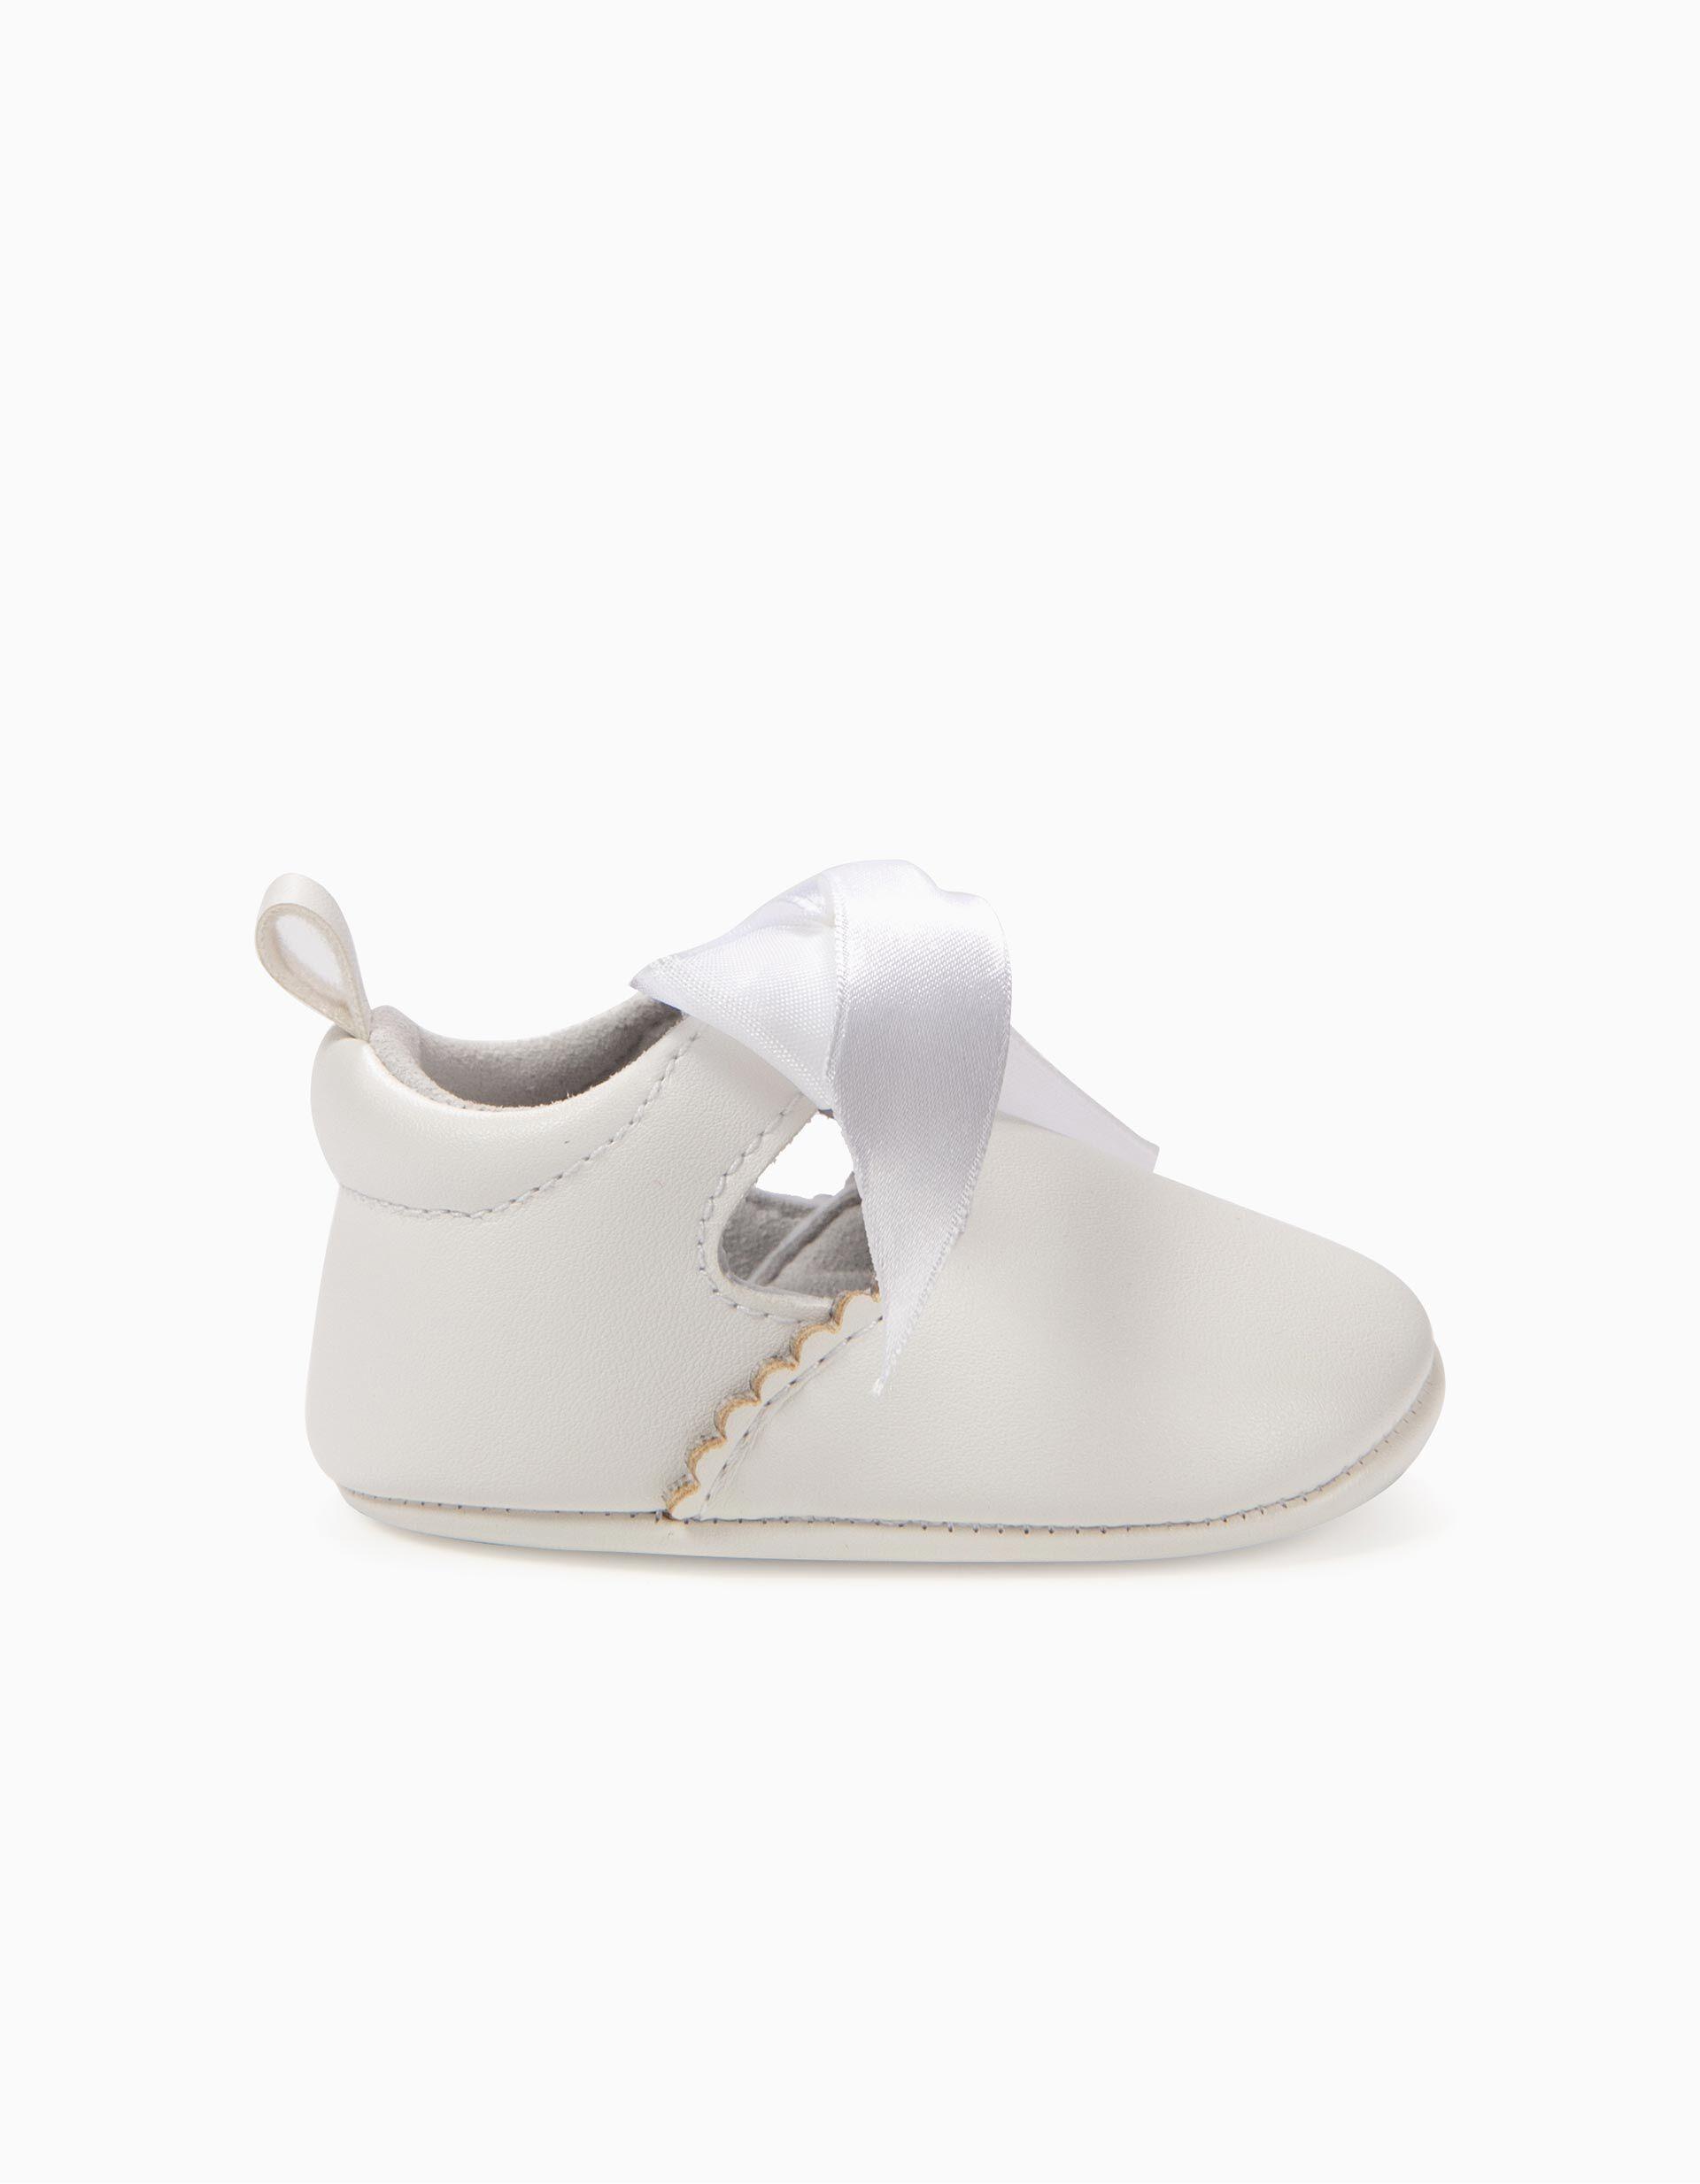 Sapatos para Recém Nascido, Branco